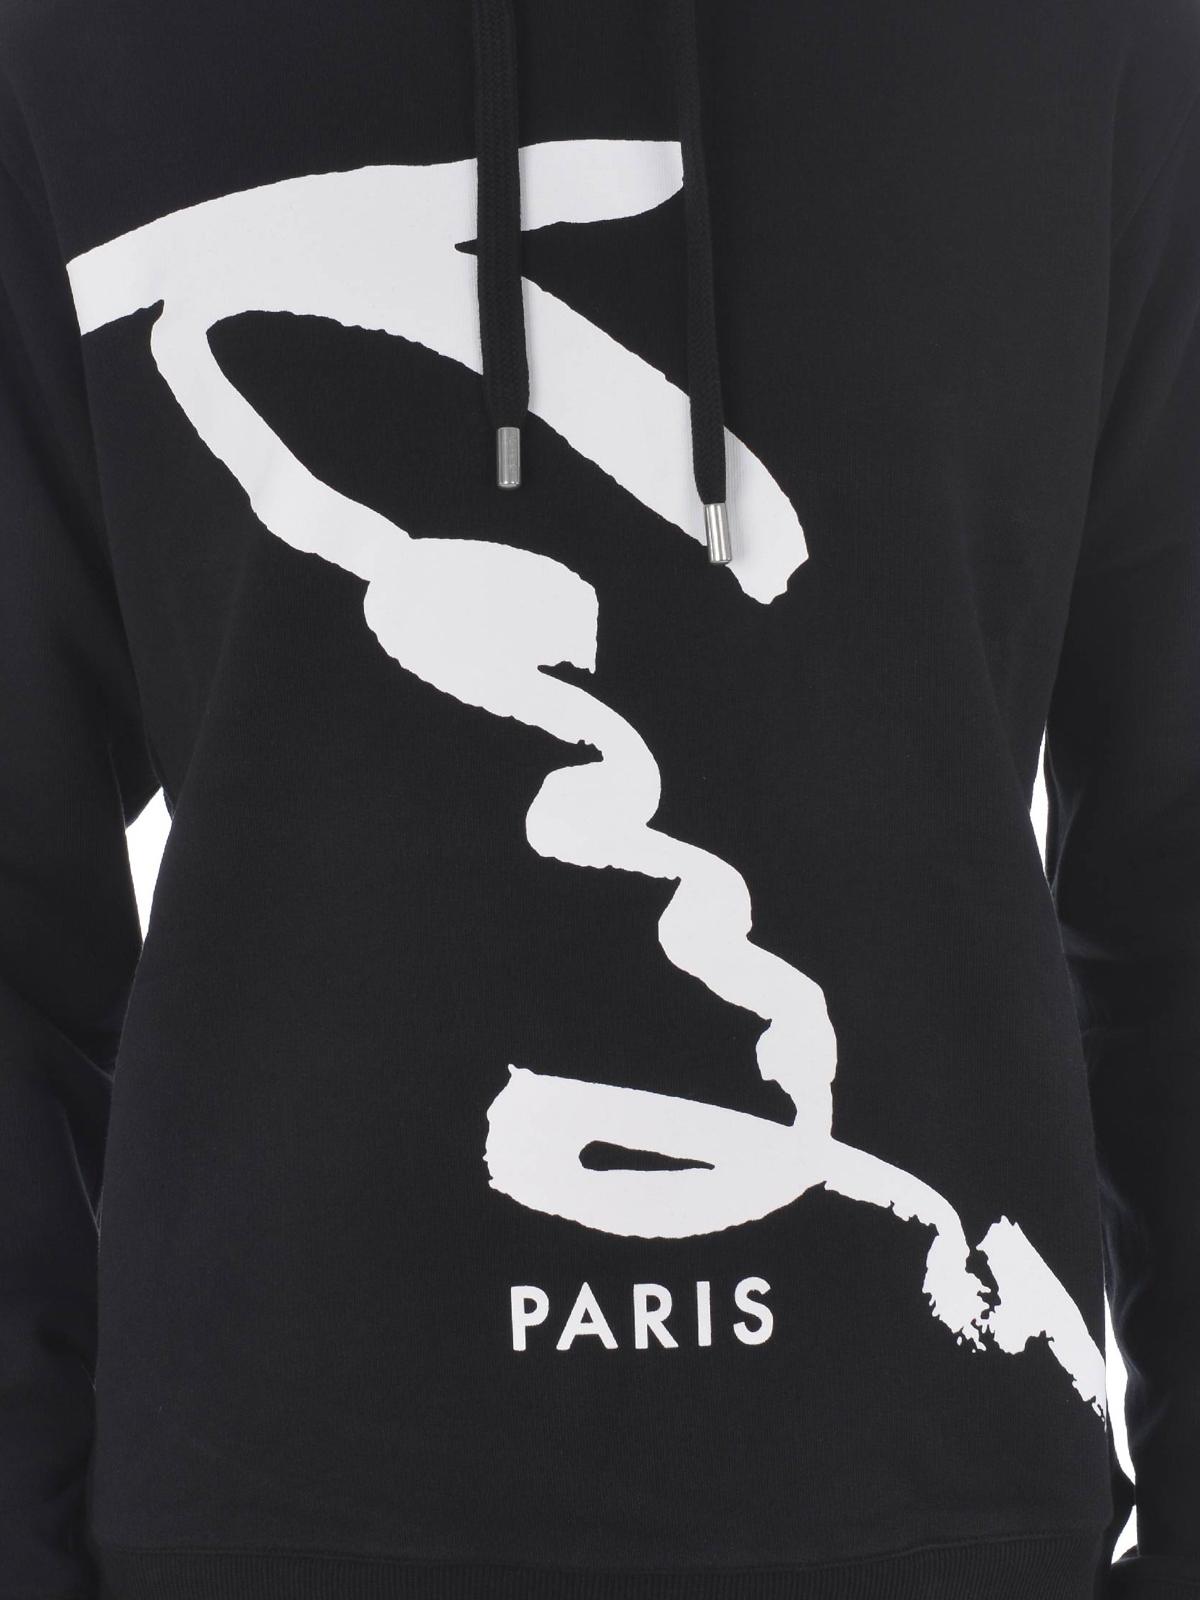 felpa kenzo saldi online, Uomo Felpe Kenzo Felpa Paris Black